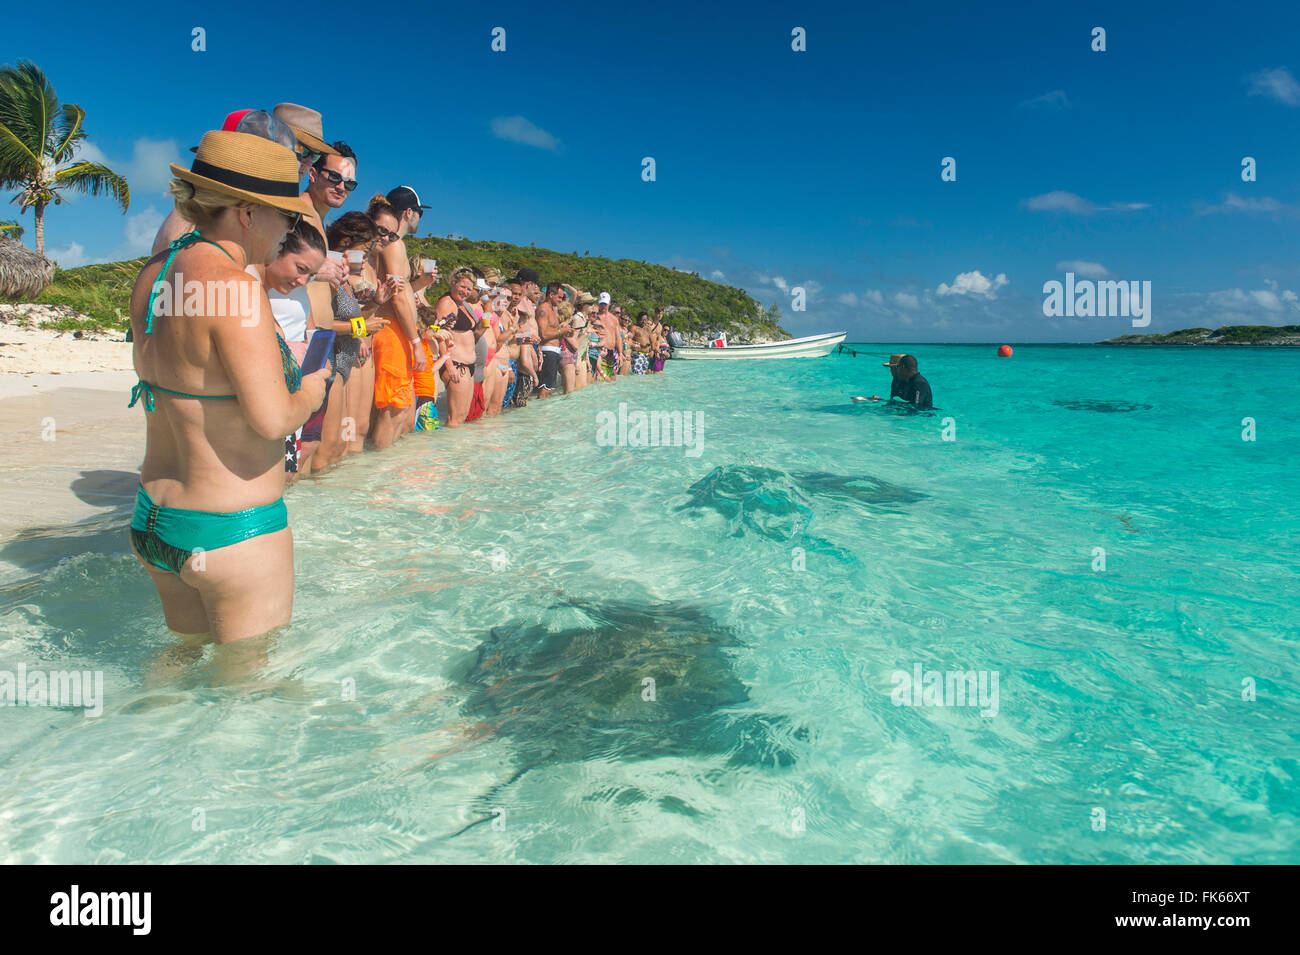 Los turistas de pie sobre una playa de arena blanca con rayas nadando en las aguas color turquesa, Exumas, Bahamas, Foto de stock